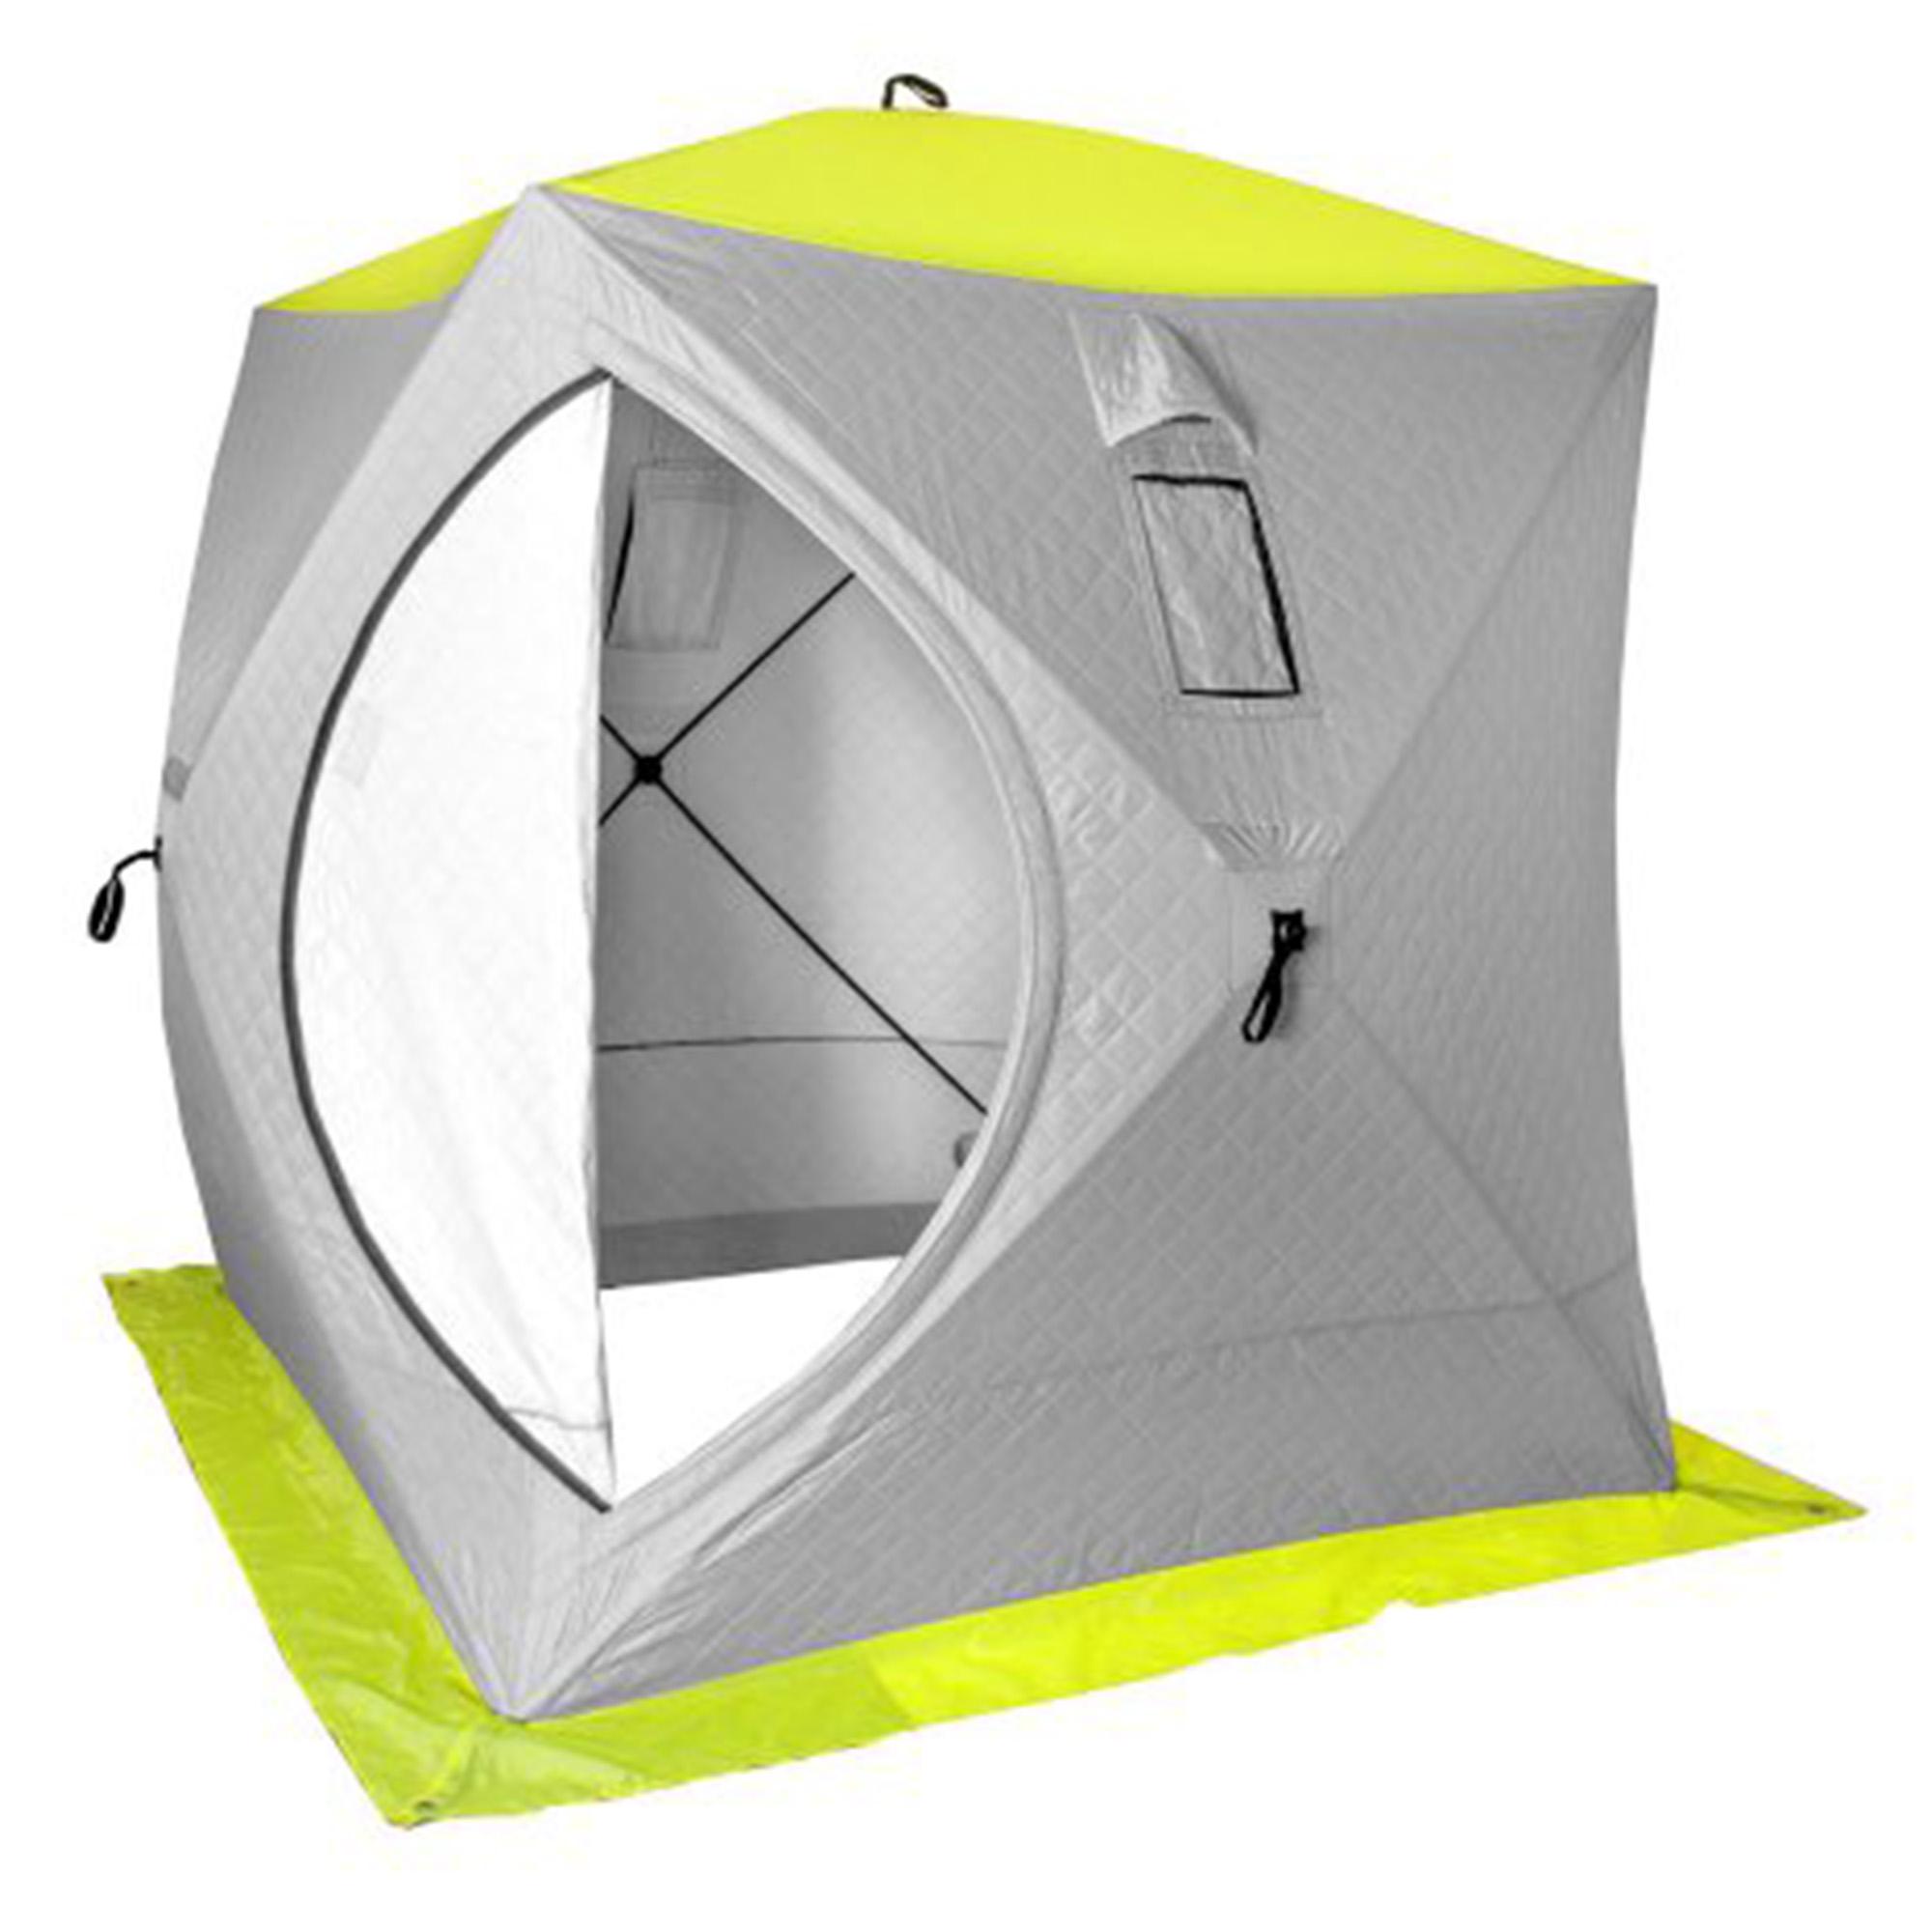 Палатка-куб зимняя PREMIER (1,5х1,5) утепленная, Палатки - арт. 1128320162